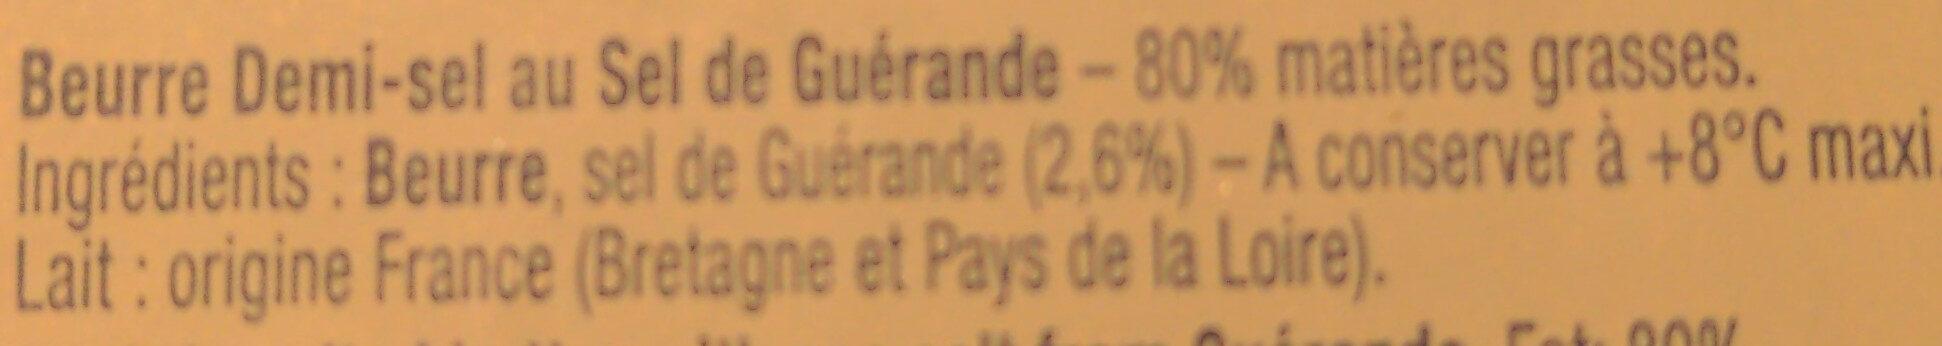 Beurre Aux Cristaux de Sel de Guérande - Ingrédients - fr